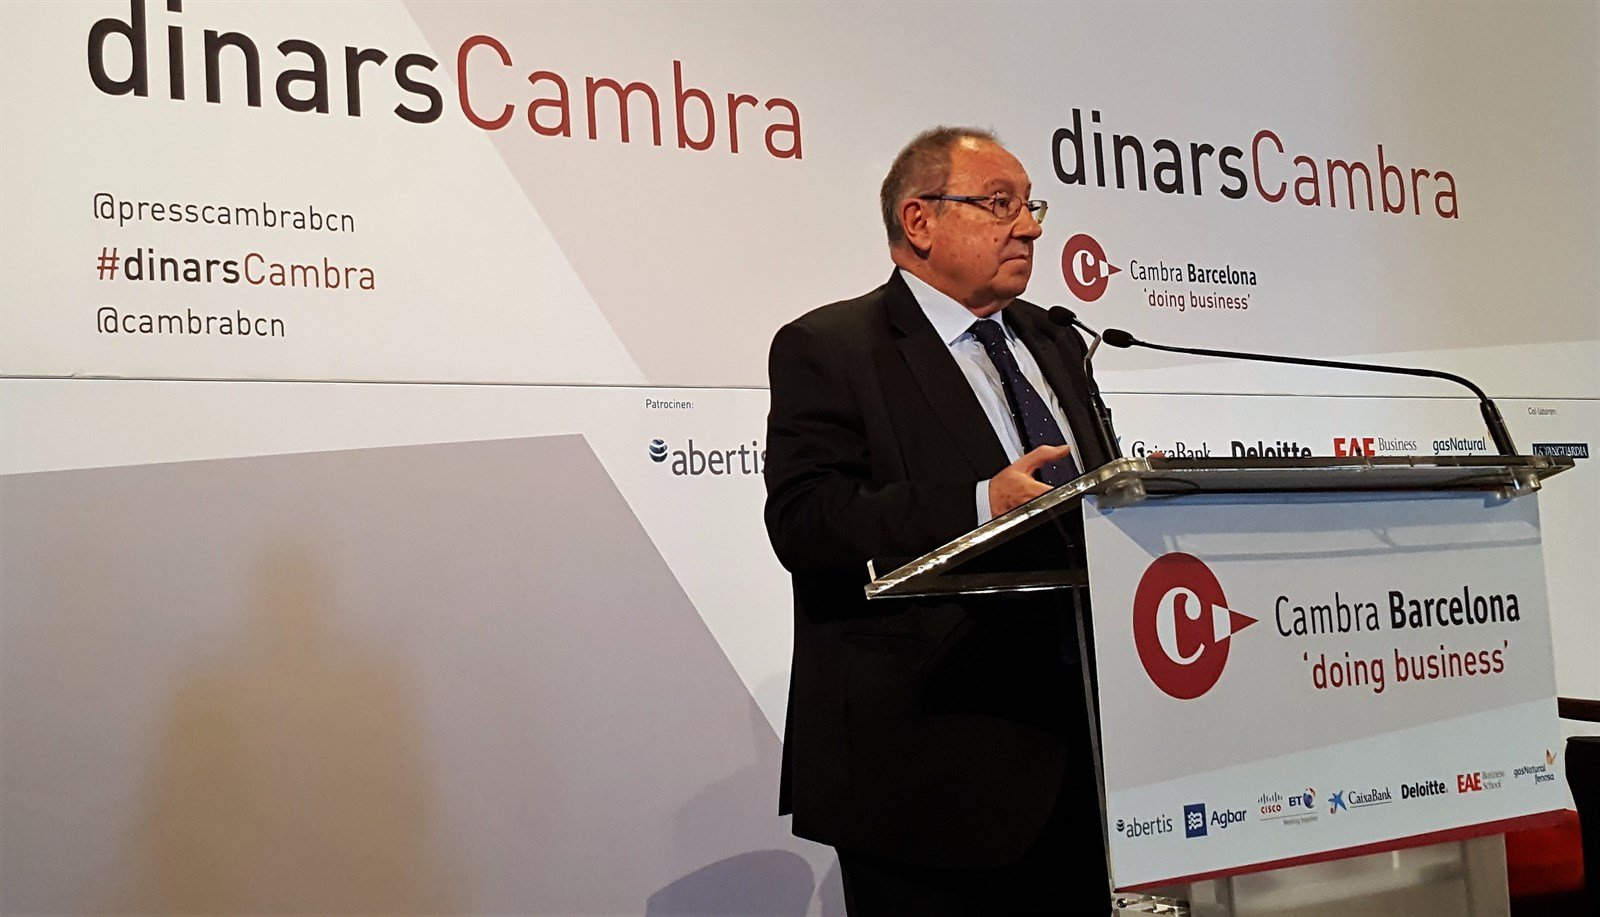 Freixenet traslladarà la seu fora de Catalunya si el 21D no garanteix estabilitat